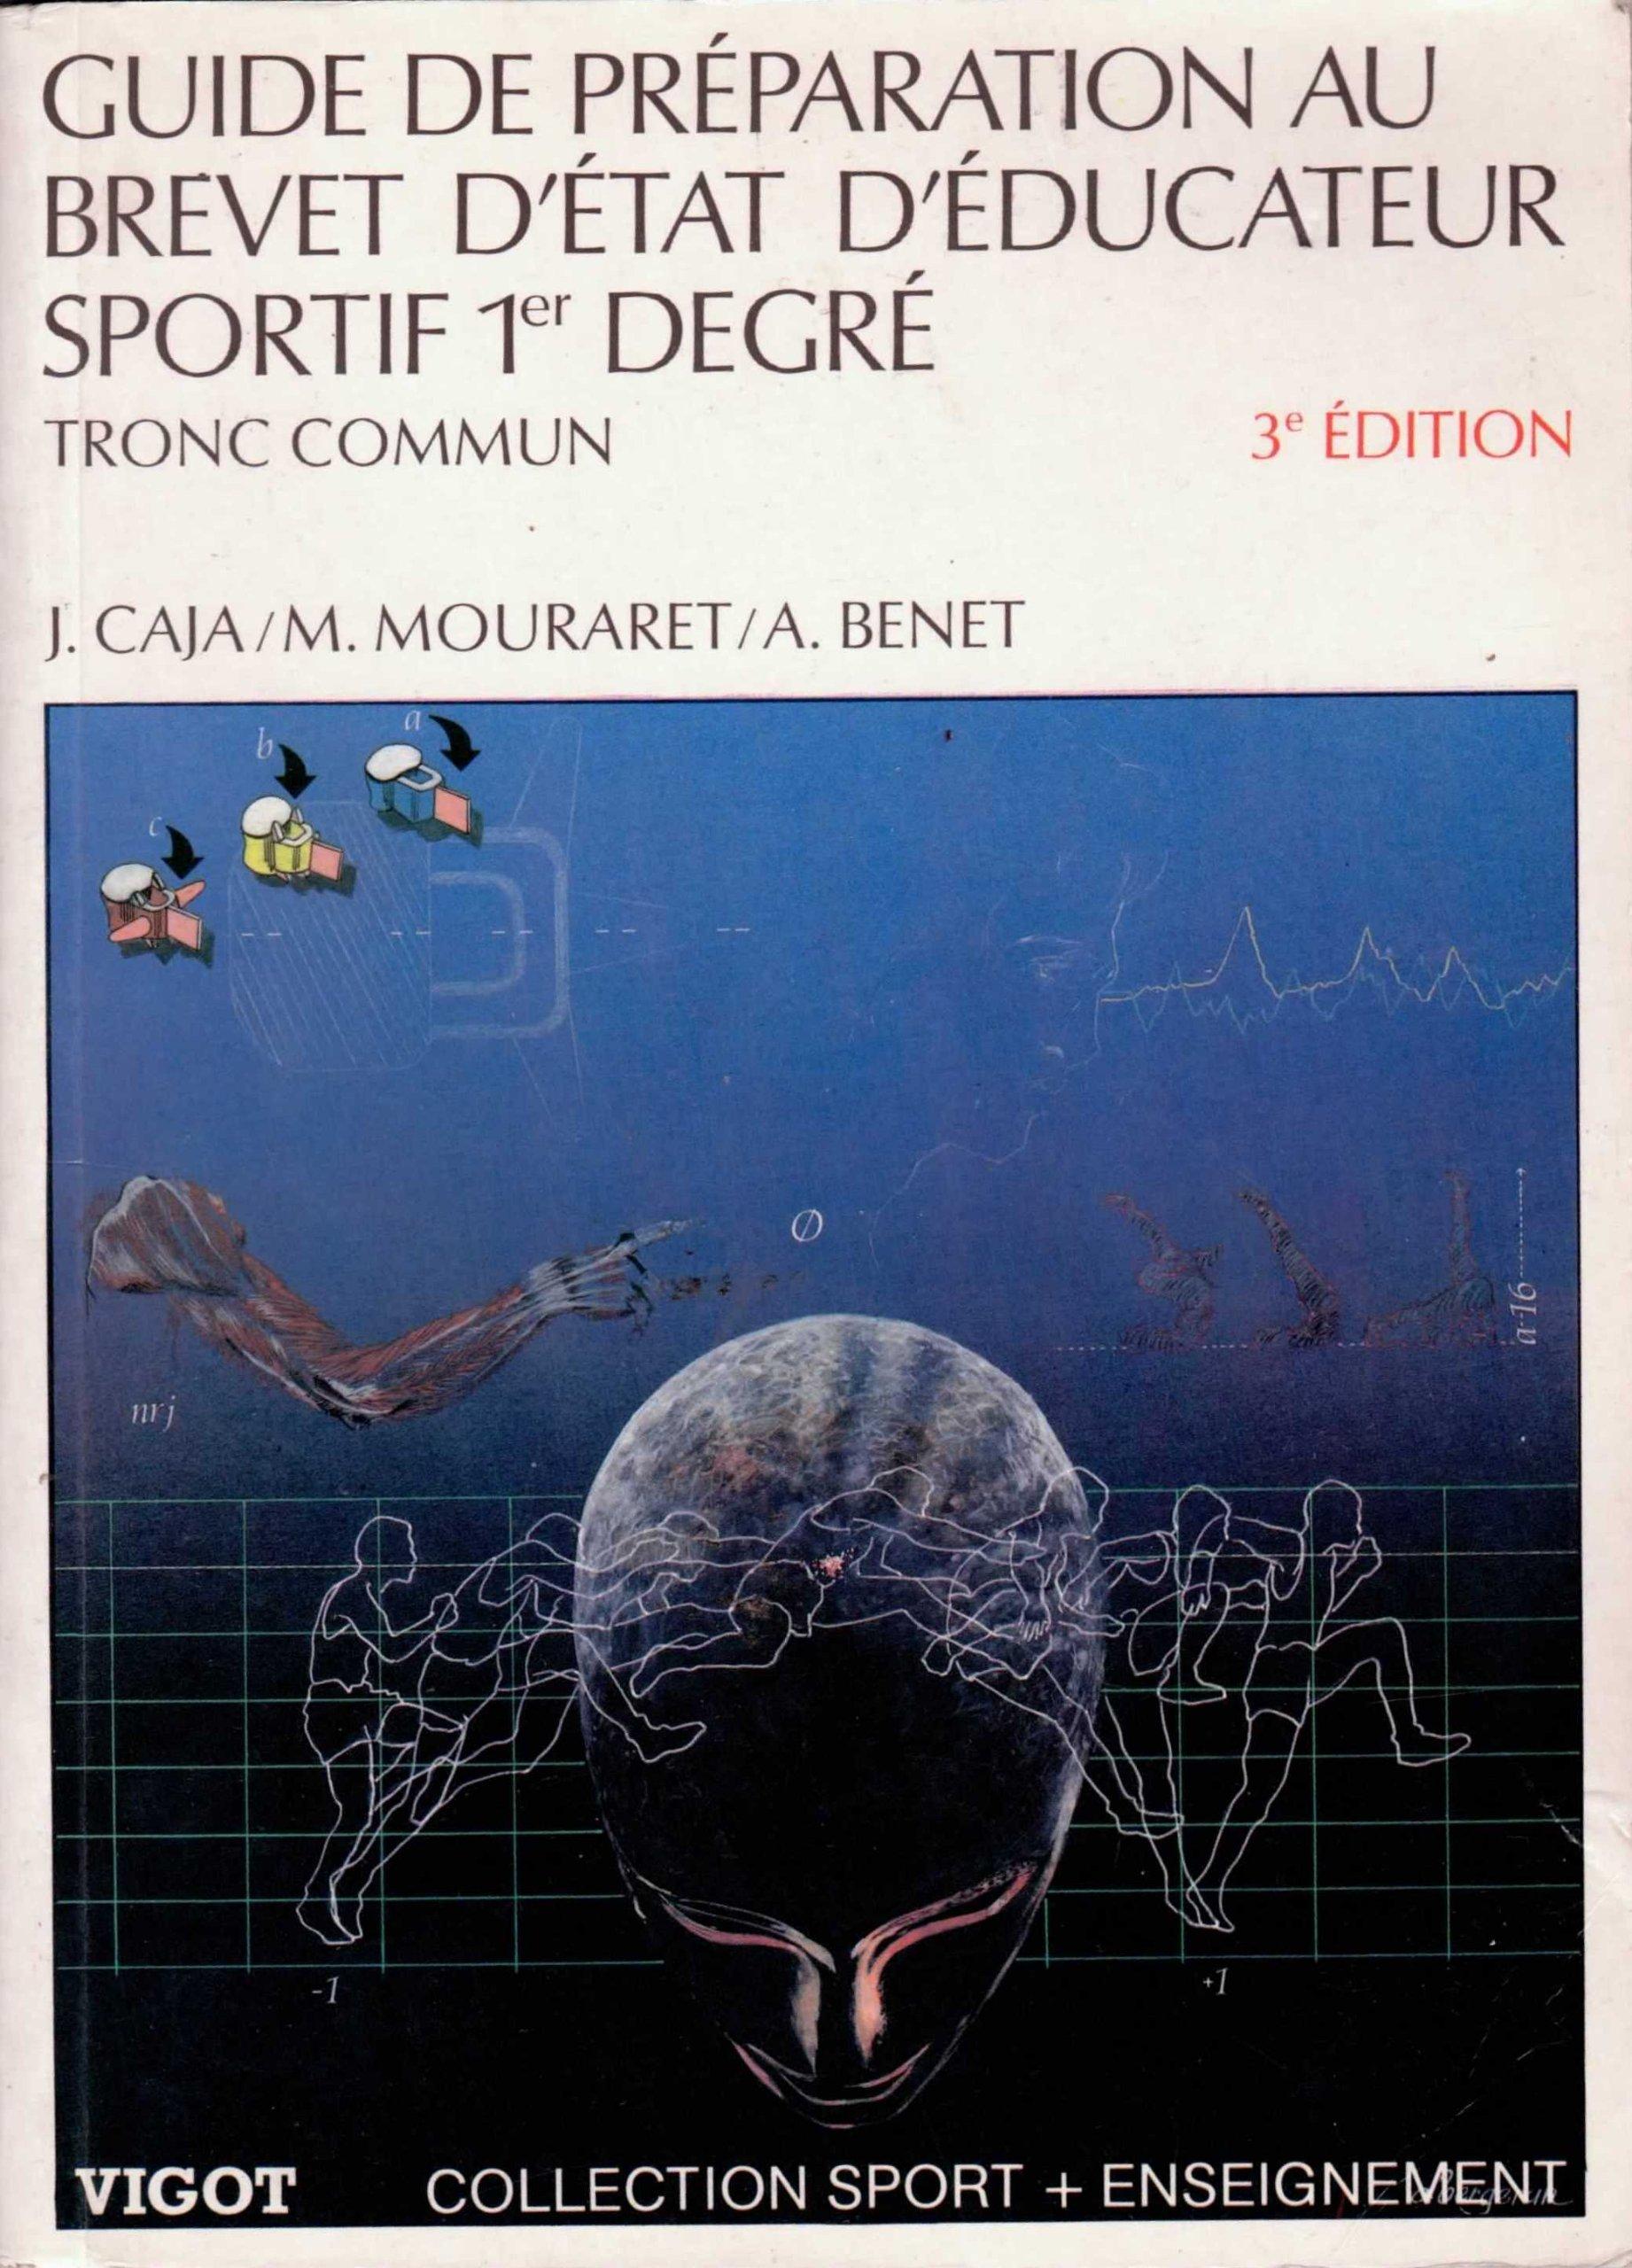 Guide de préparation au brevet d'Etat d'éducateur sportif. 1er degré, tronc commun Relié – 18 avril 1996 Caja Mouraret Vigot 2711411338